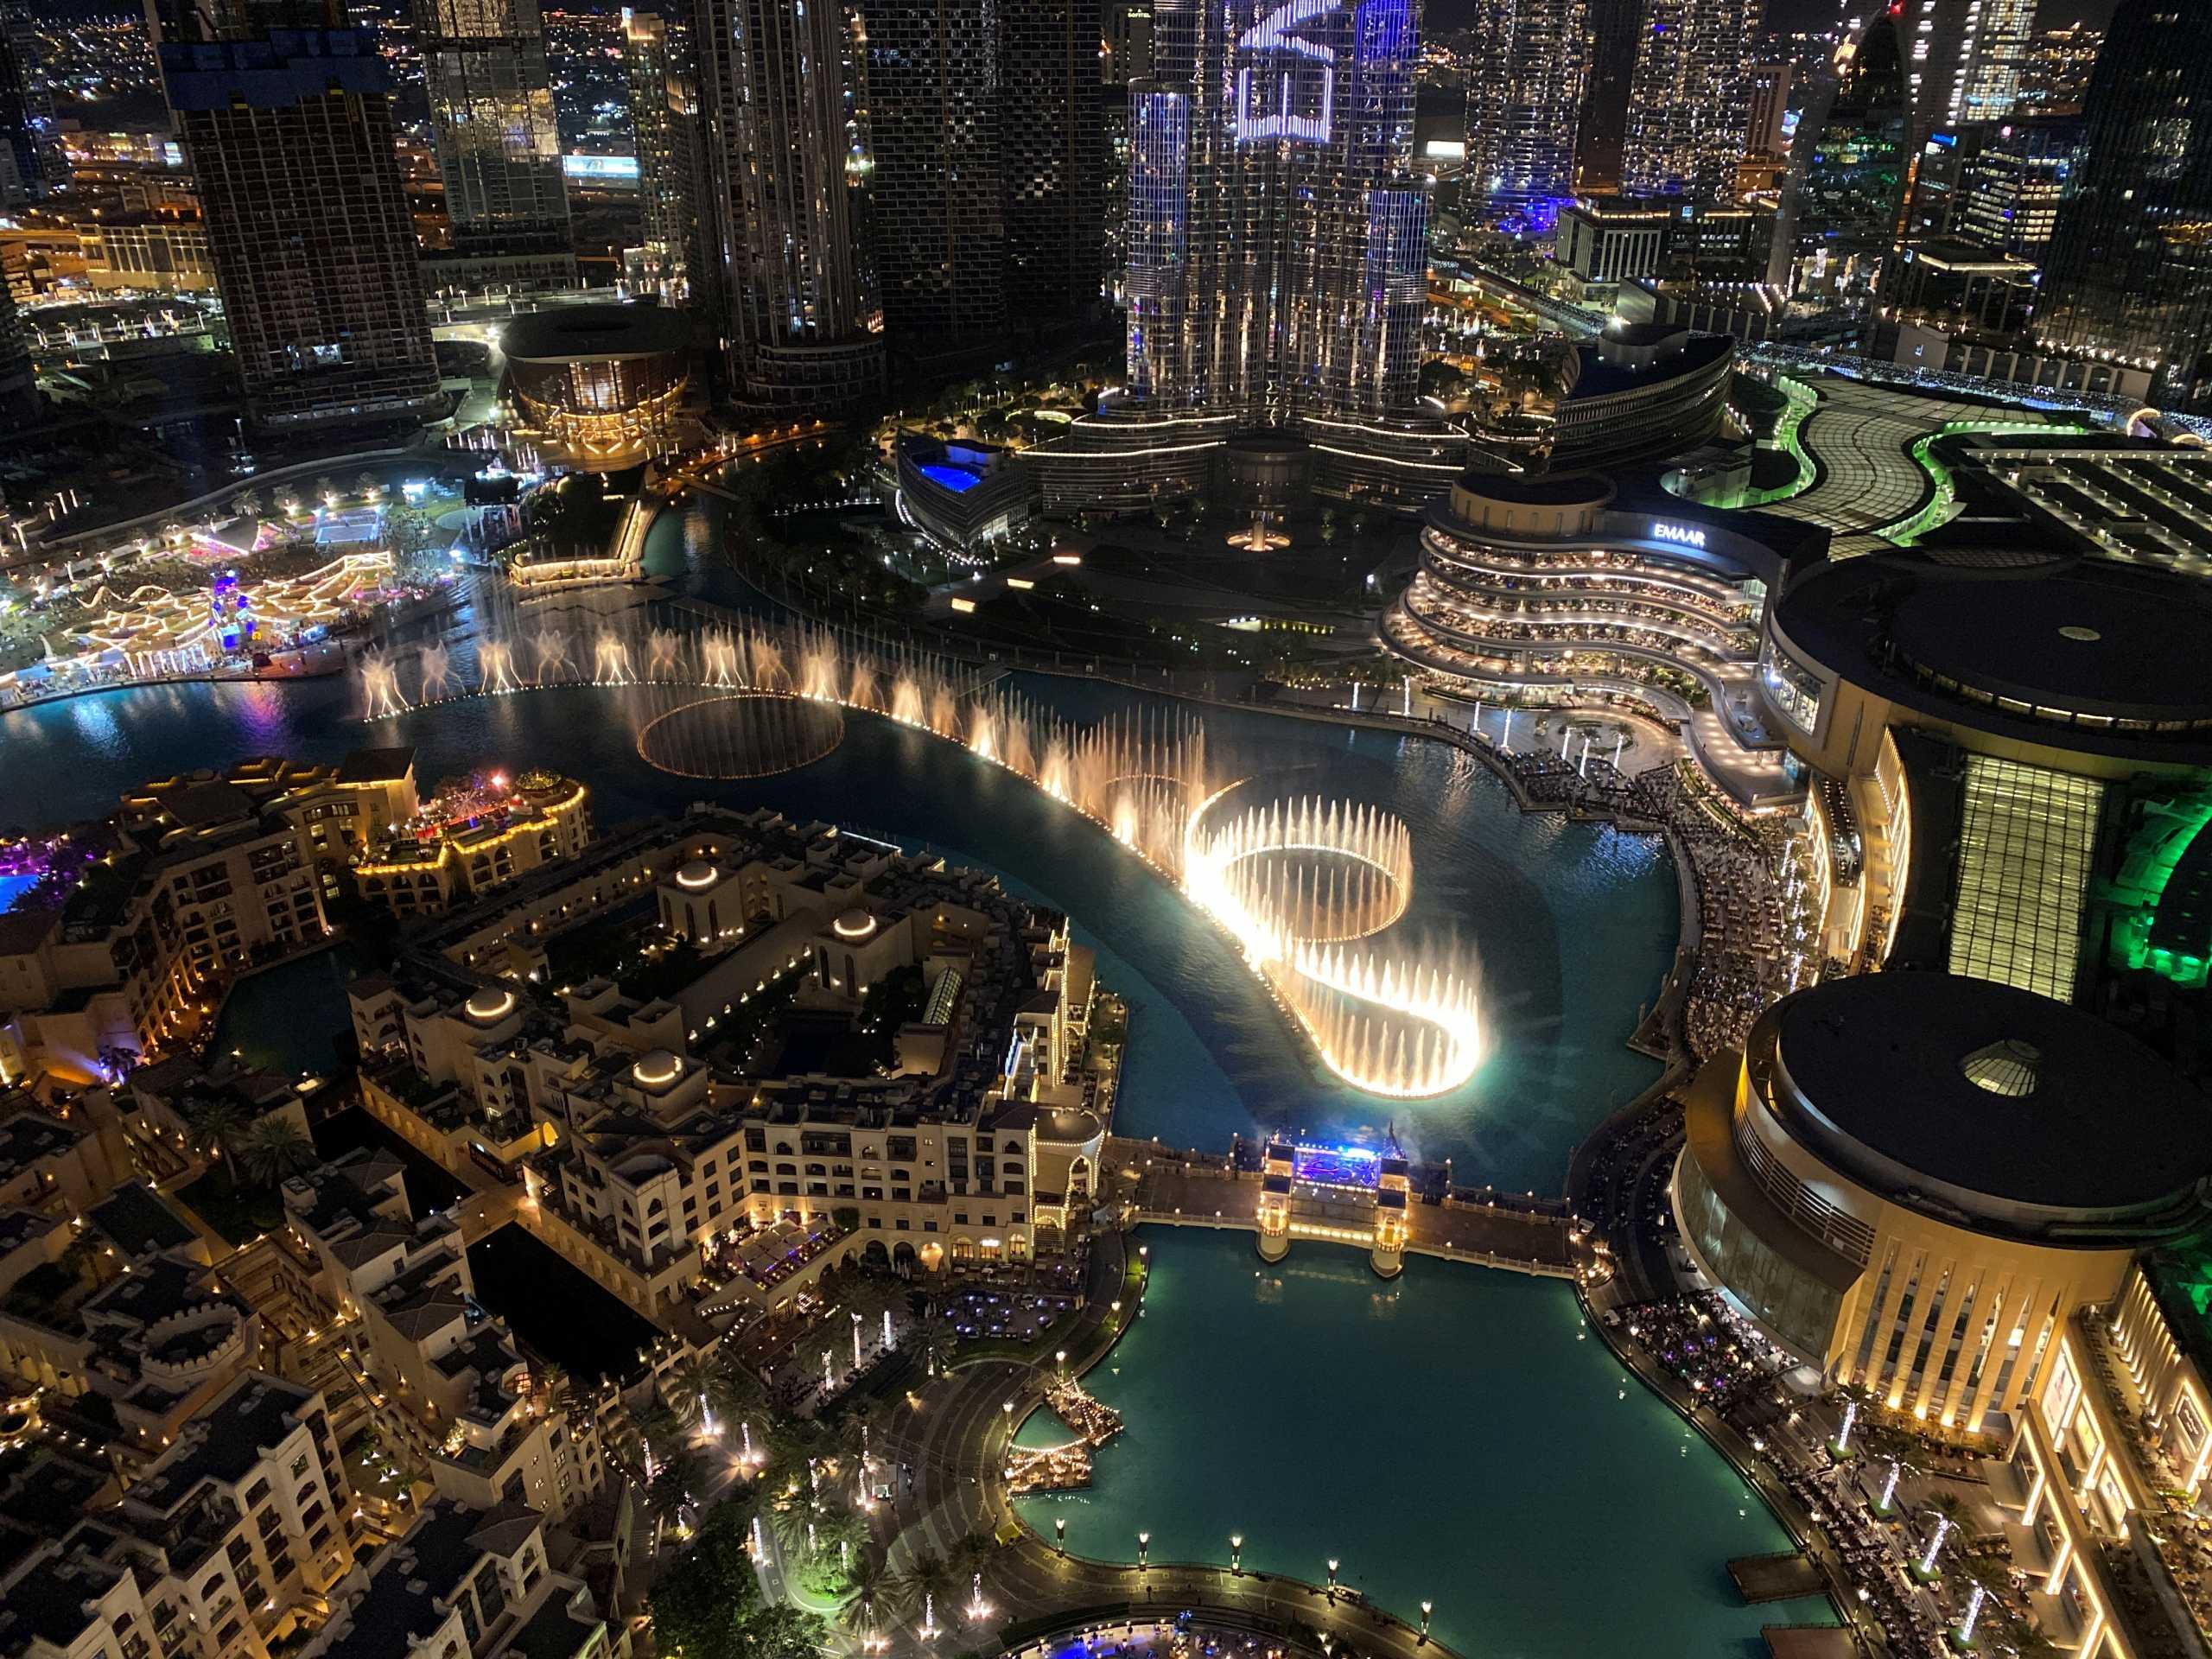 Πρώτο κρούσμα από τους ταξιδιώτες του Ντουμπάι